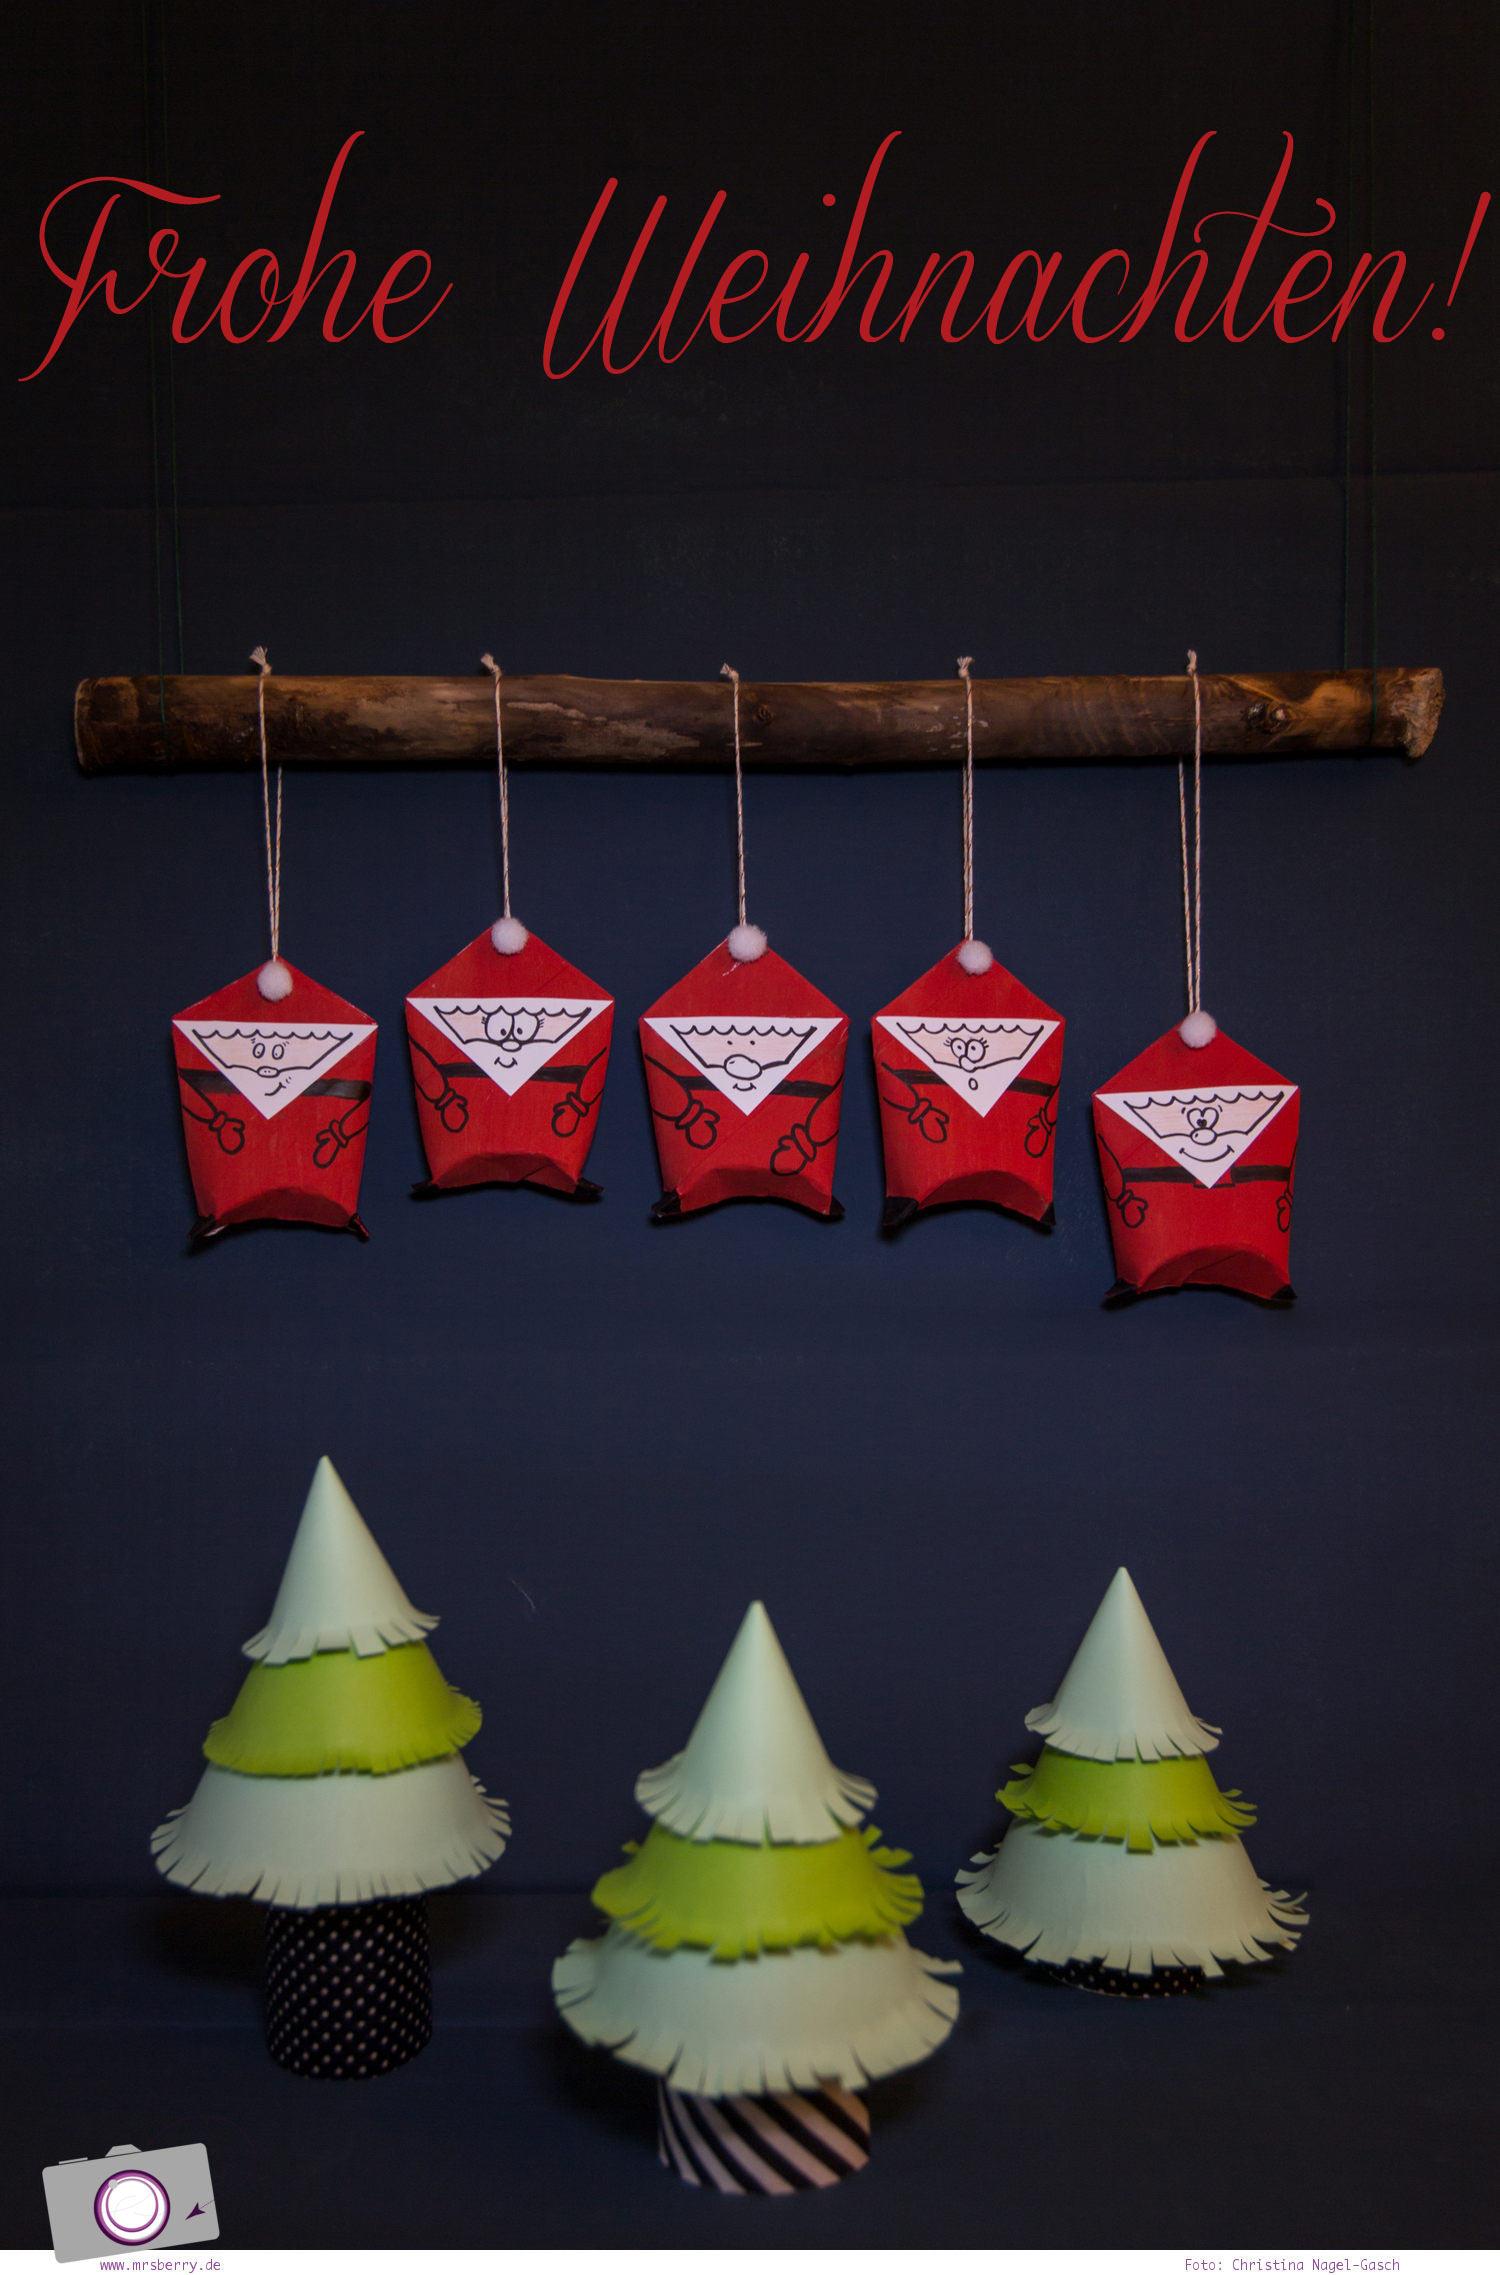 Adventskalender selber machen: basteln mit Klorollen - Weihnachtsmann und Tannenbaum / Weihnachtsbaum aus Klorollen basteln